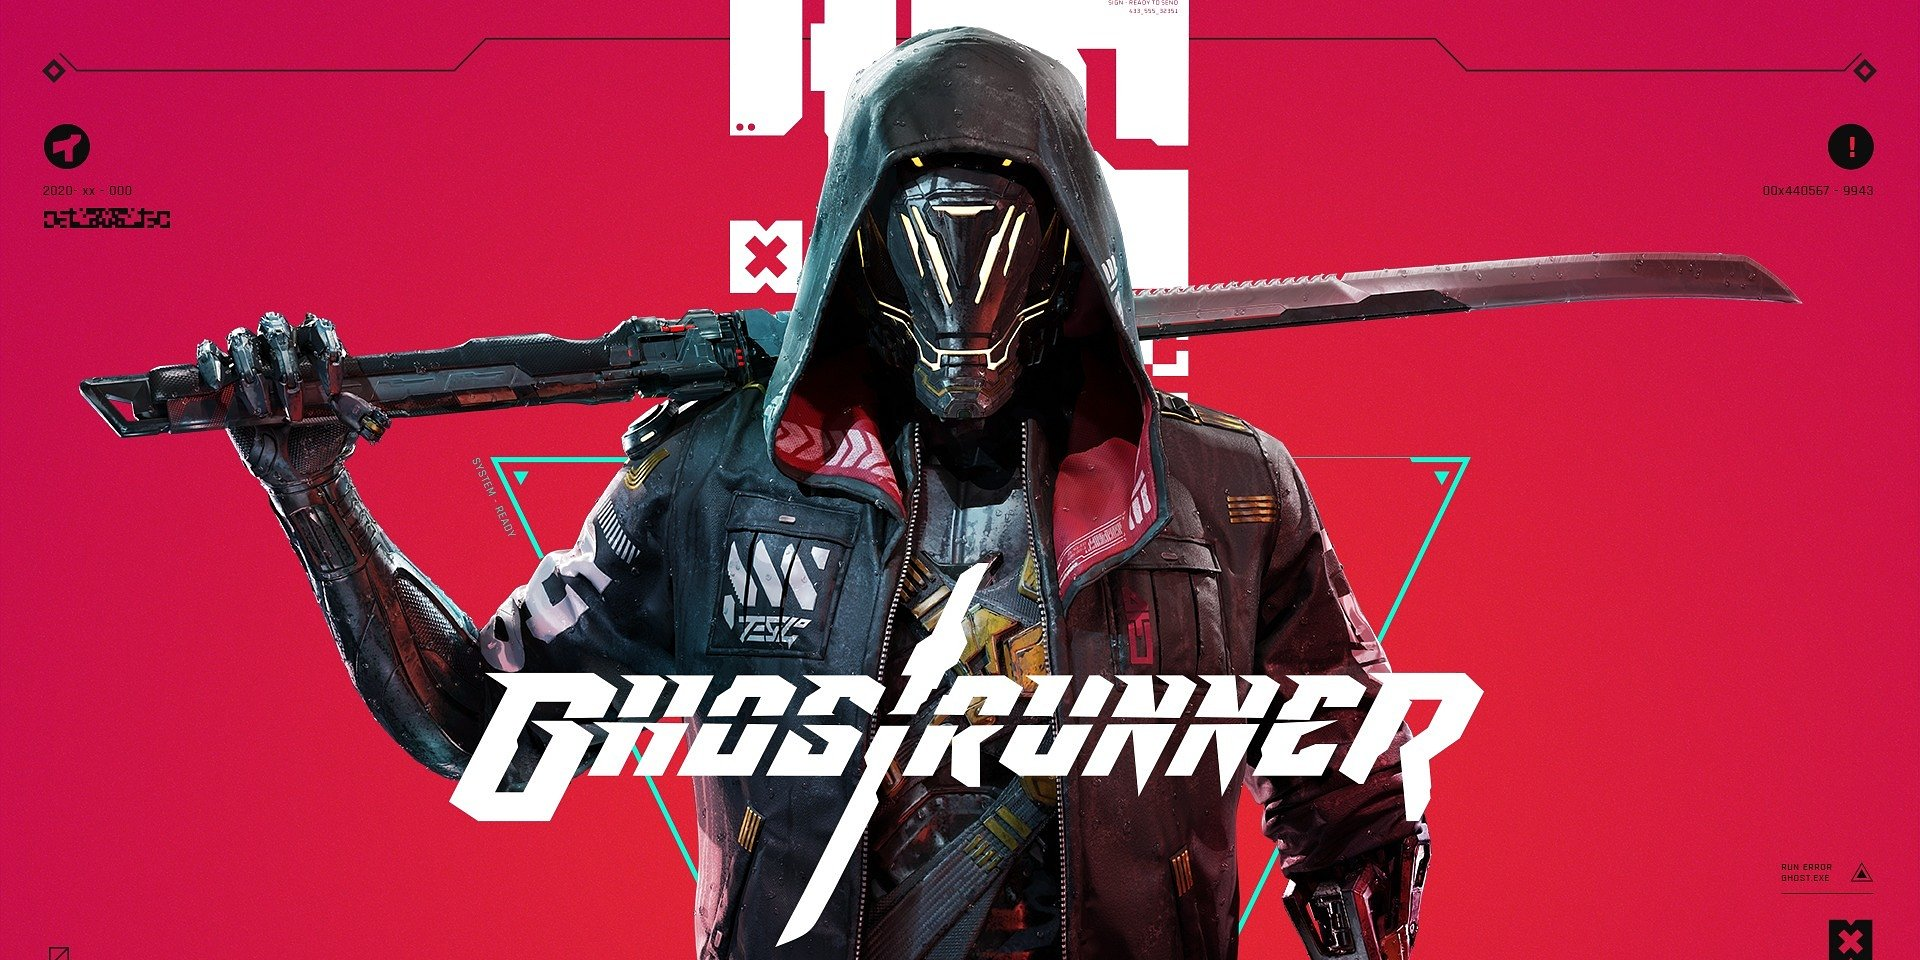 Ponad pół miliona sprzedanych kopii Ghostrunnera